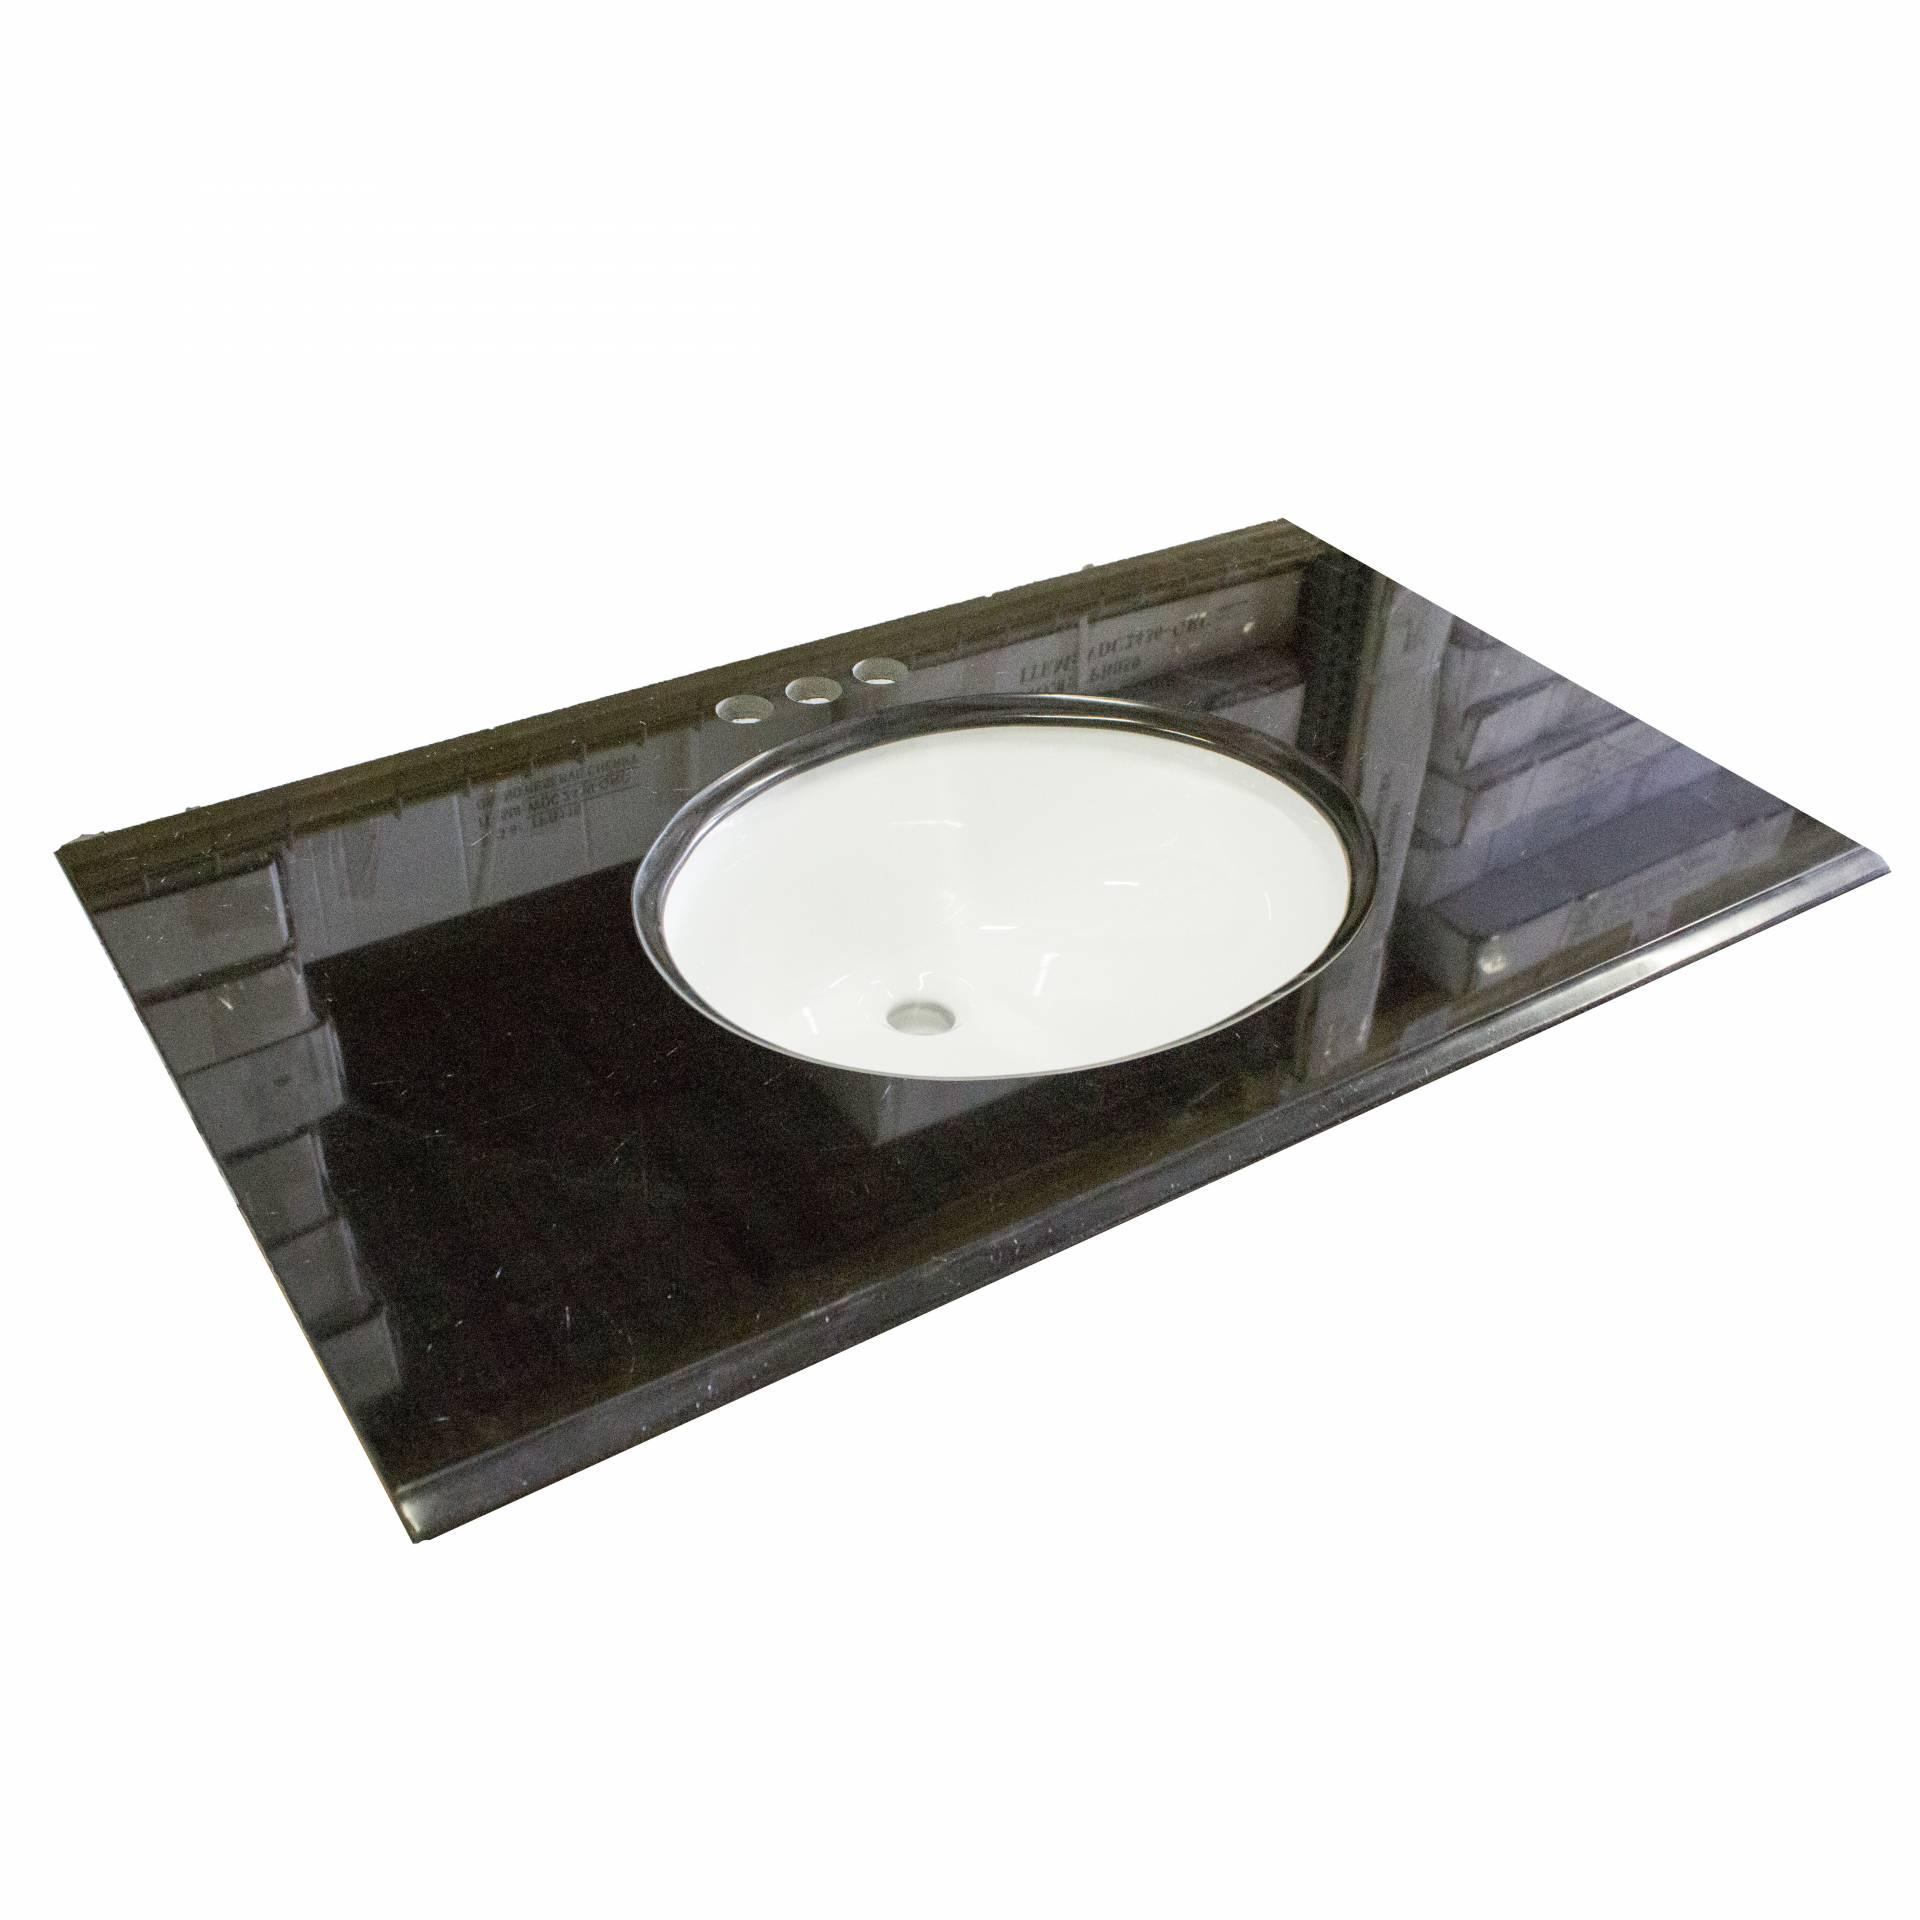 Granite Vanity Top 37 X 19 Black Heebys Surplus Inc